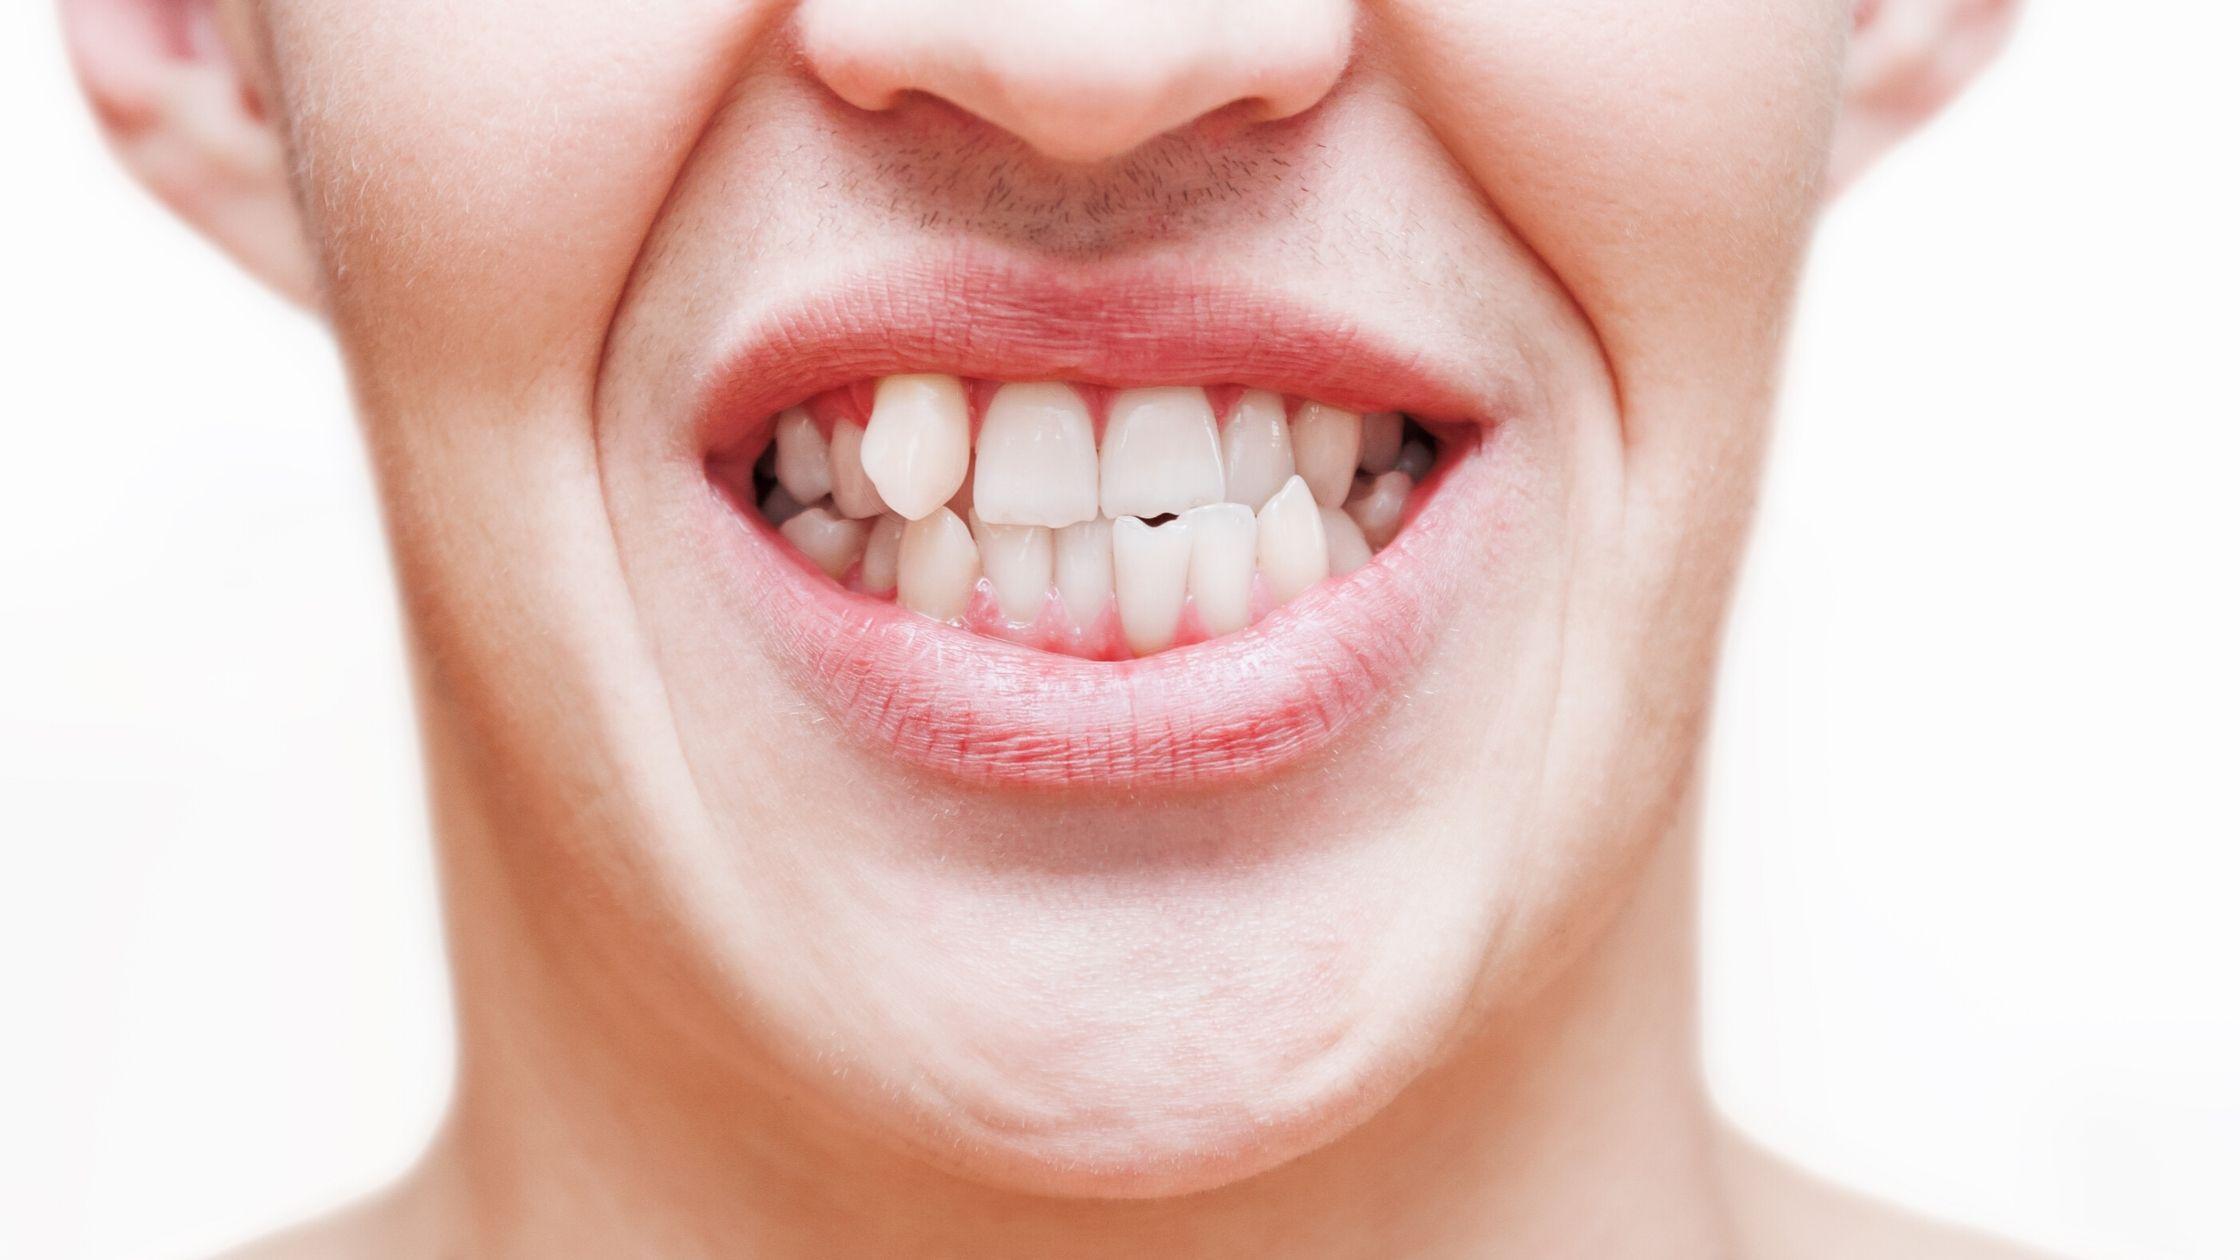 Symptoms of Crooked Teeth